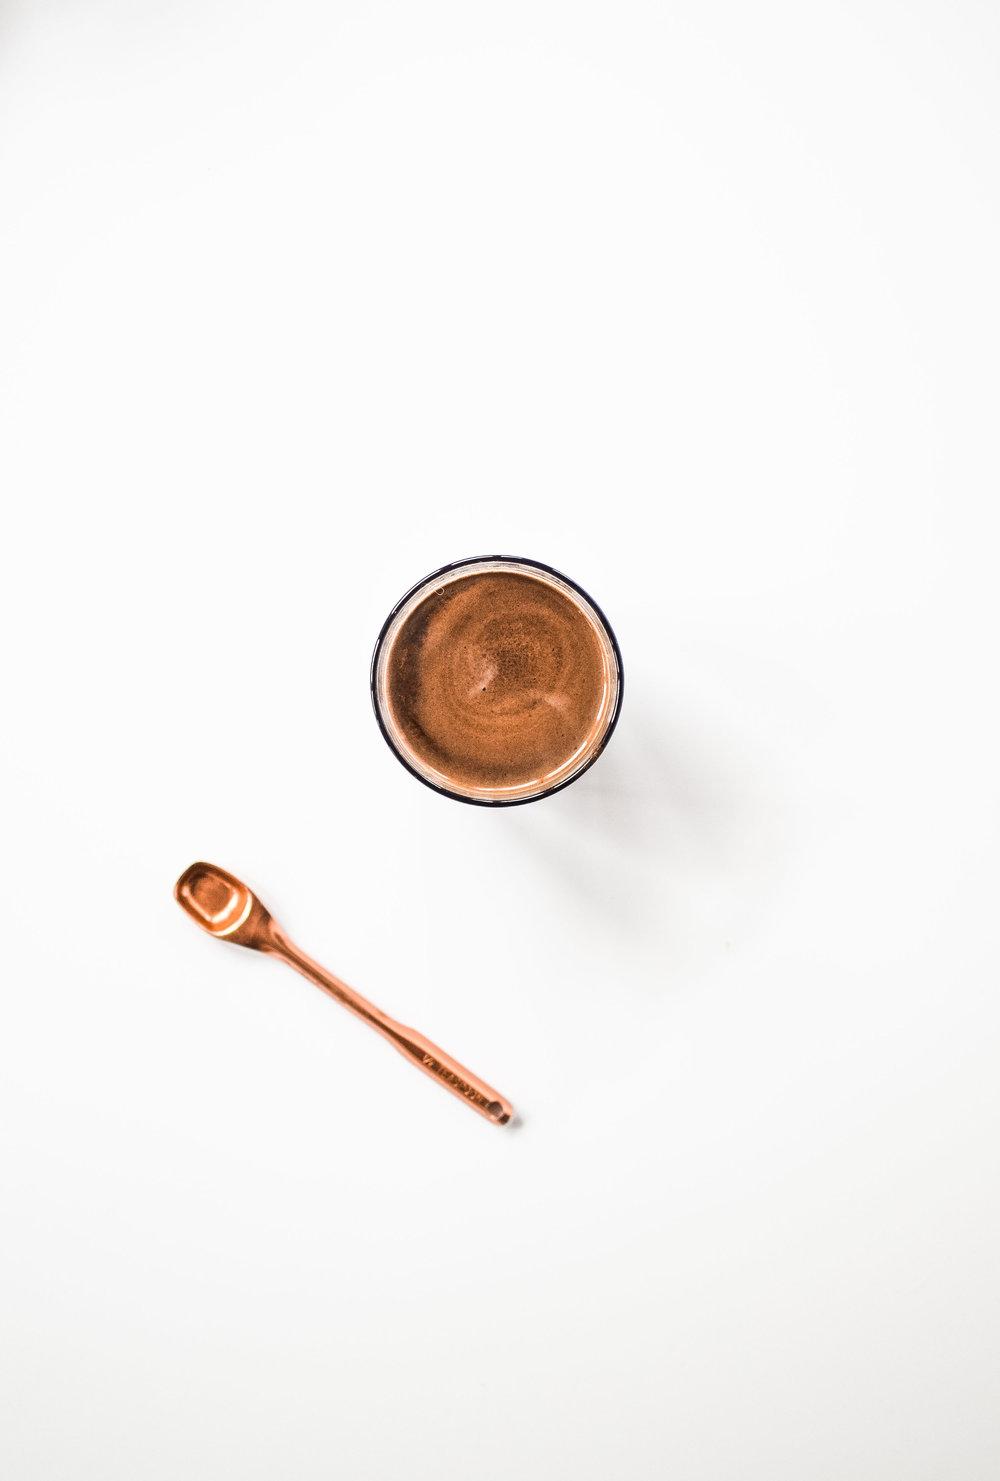 Wendling_Boyd_Mud_Coffee_With_Maapilm-4.jpg